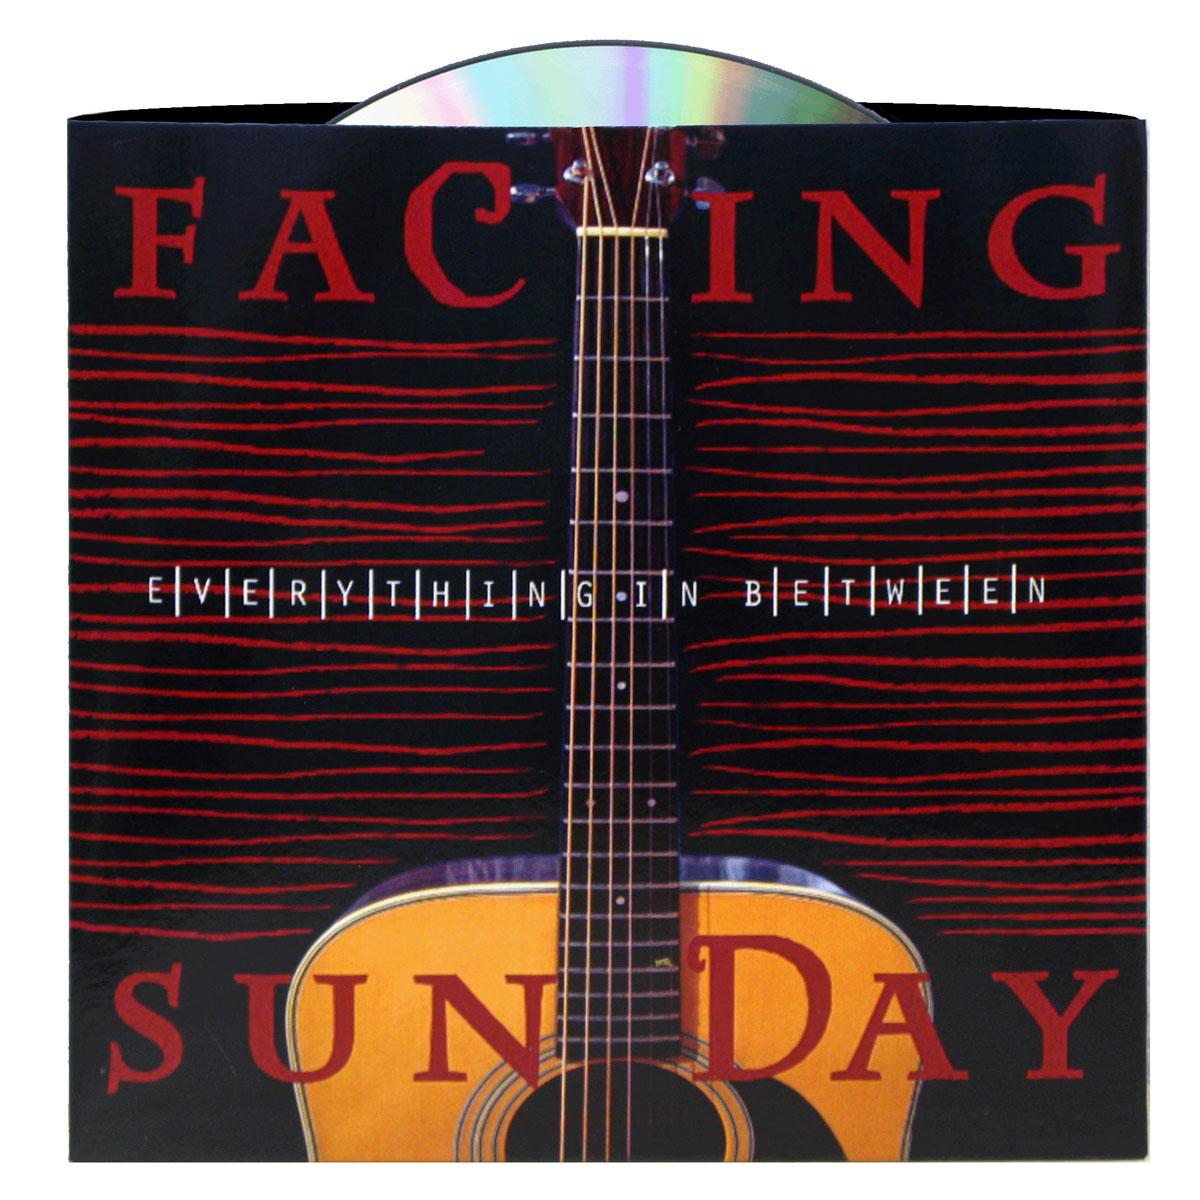 CD Pocket